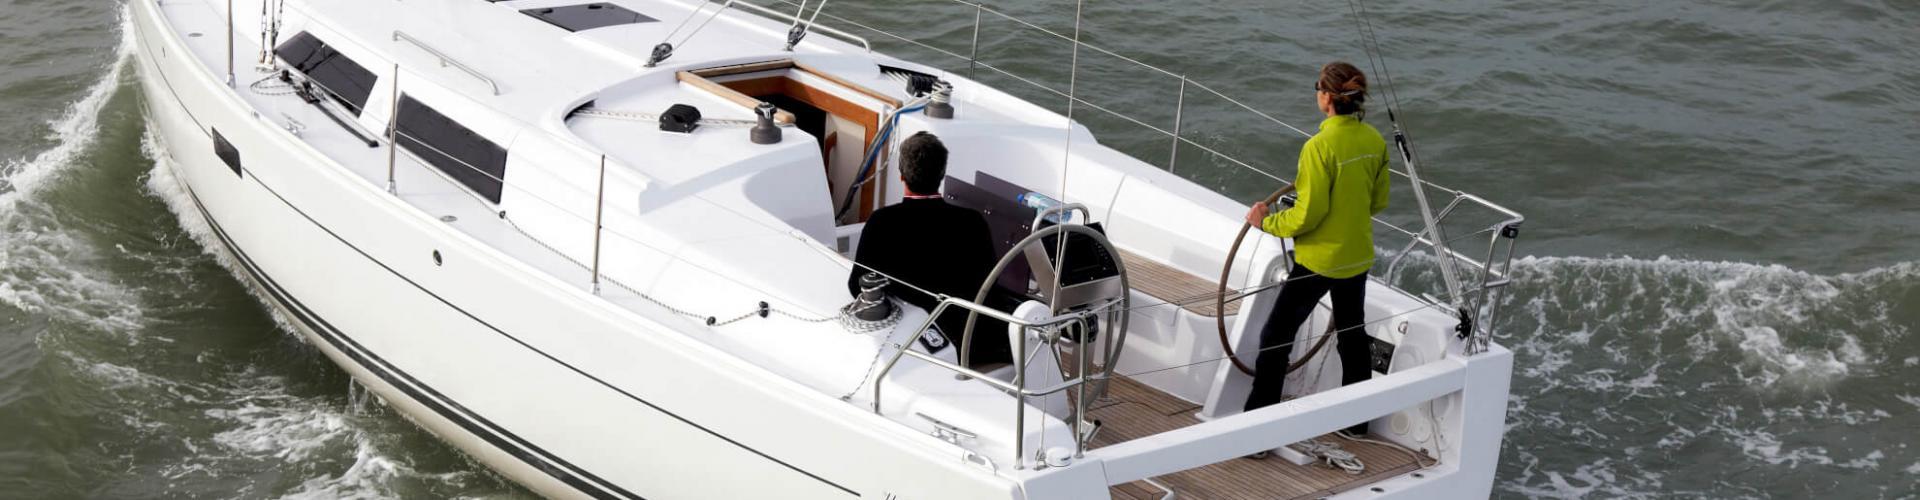 парусная лодка Hanse 375